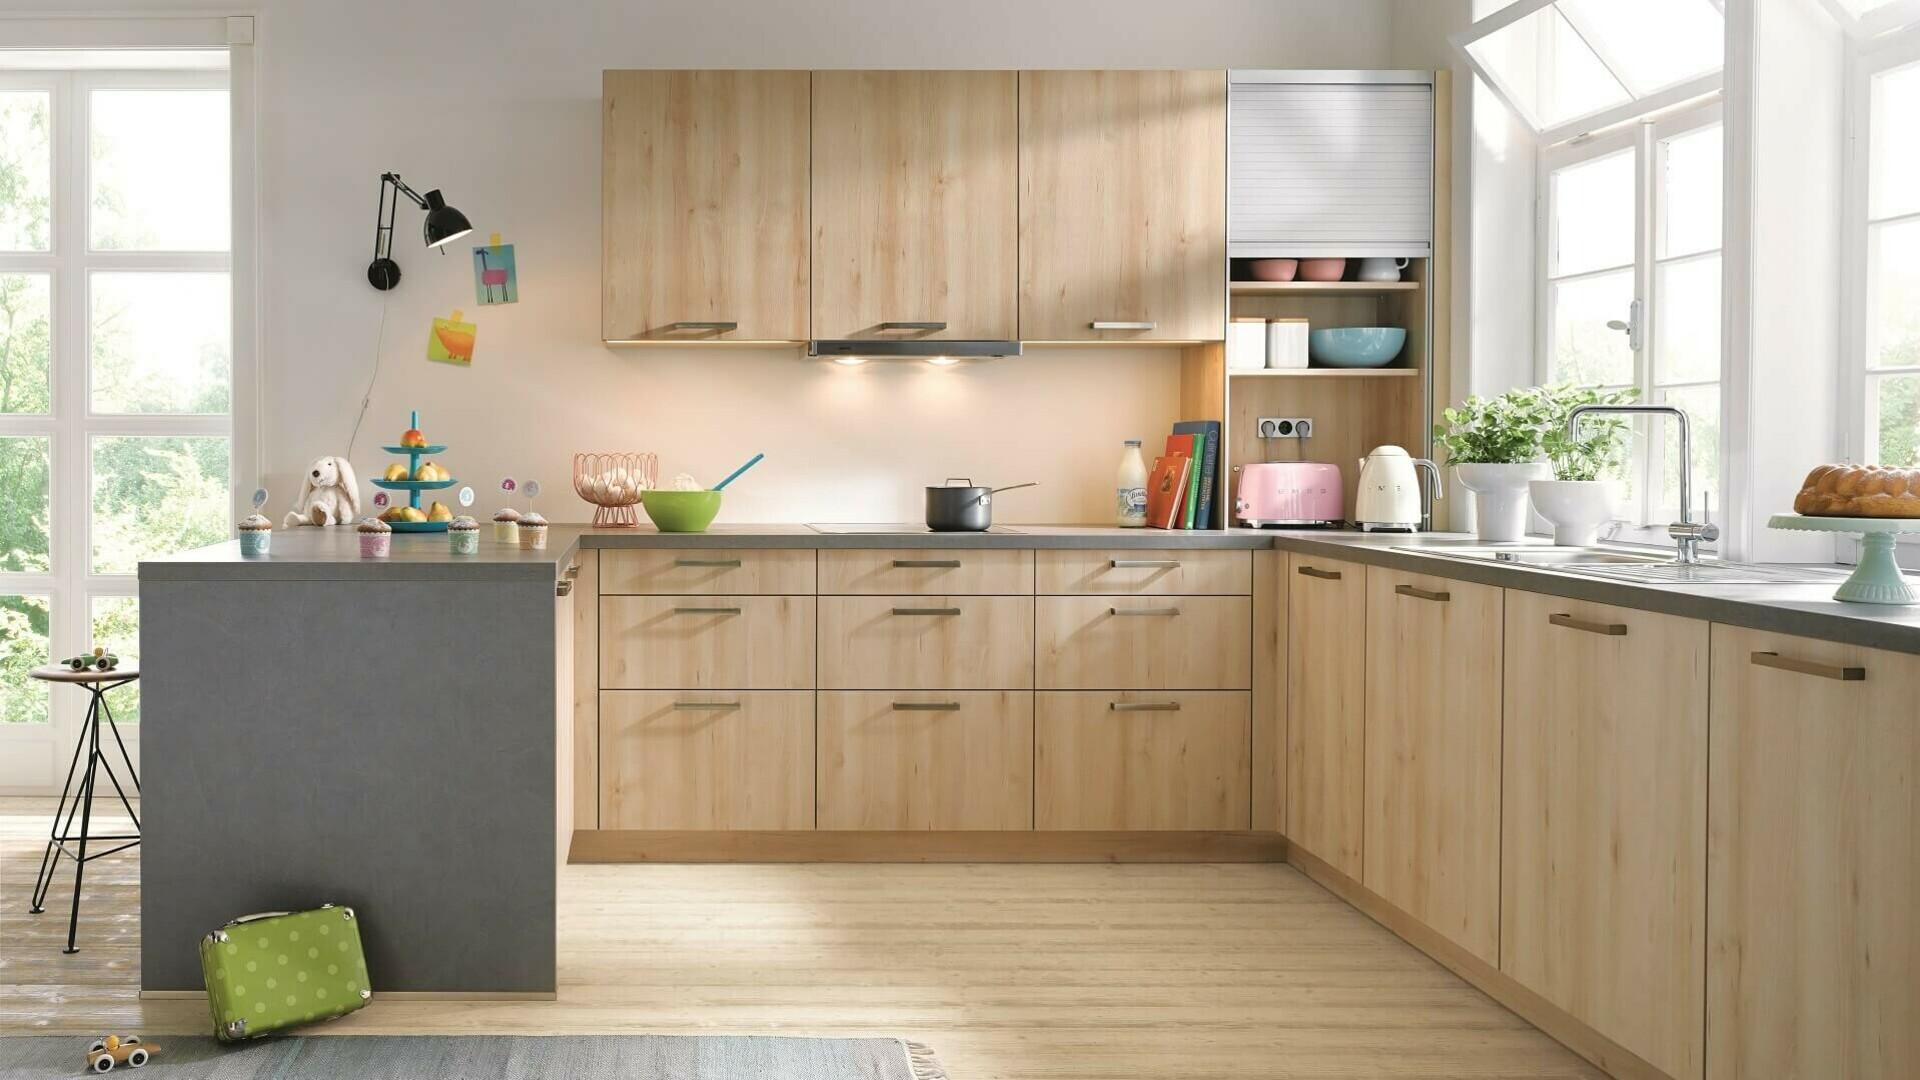 Full Size of Segmüller Küchen Schller Bari Wohnliche Kche Segmuellerde Küche Regal Wohnzimmer Segmüller Küchen